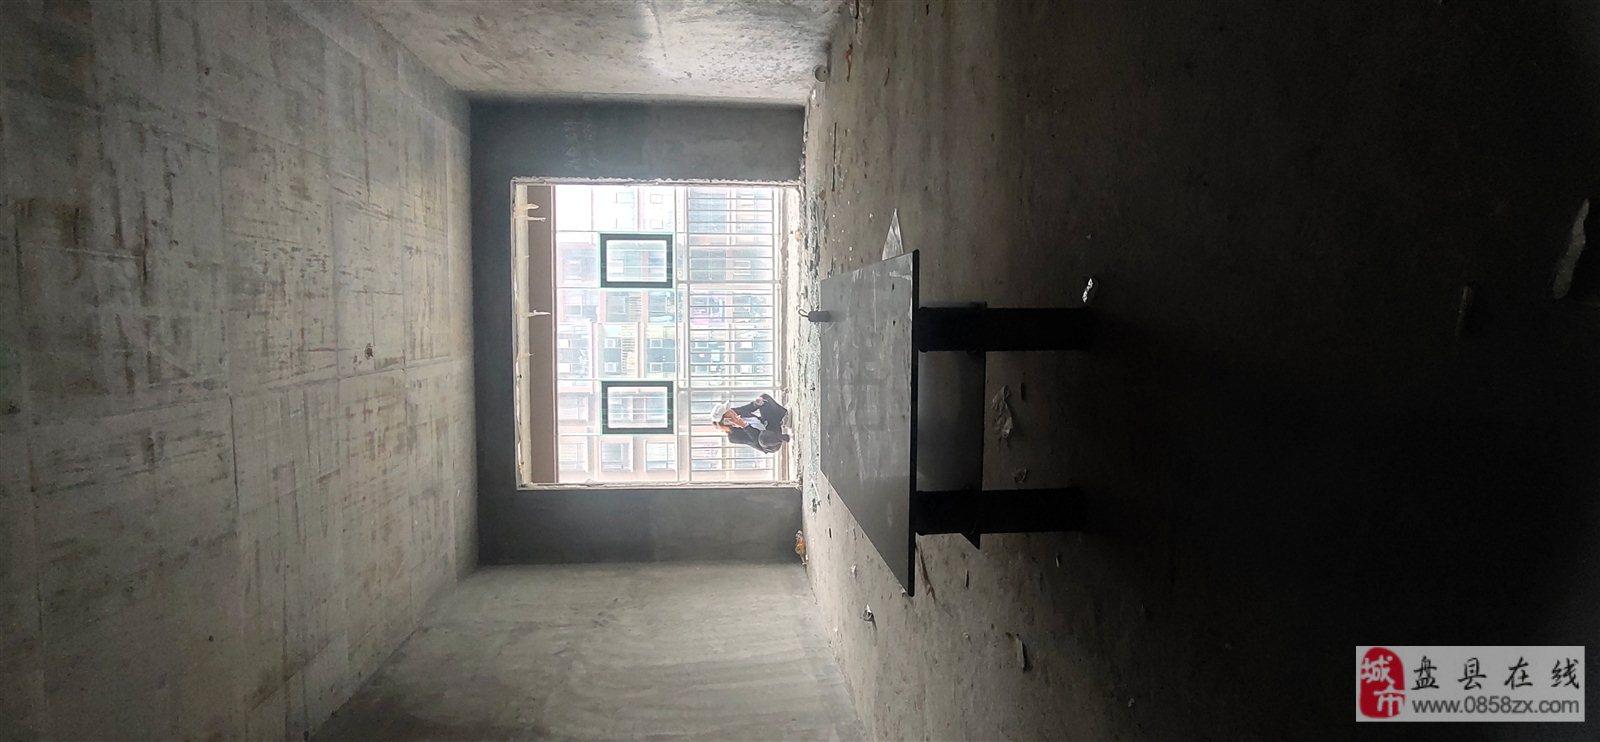 金泽芳庭3室 2厅 2卫35万元